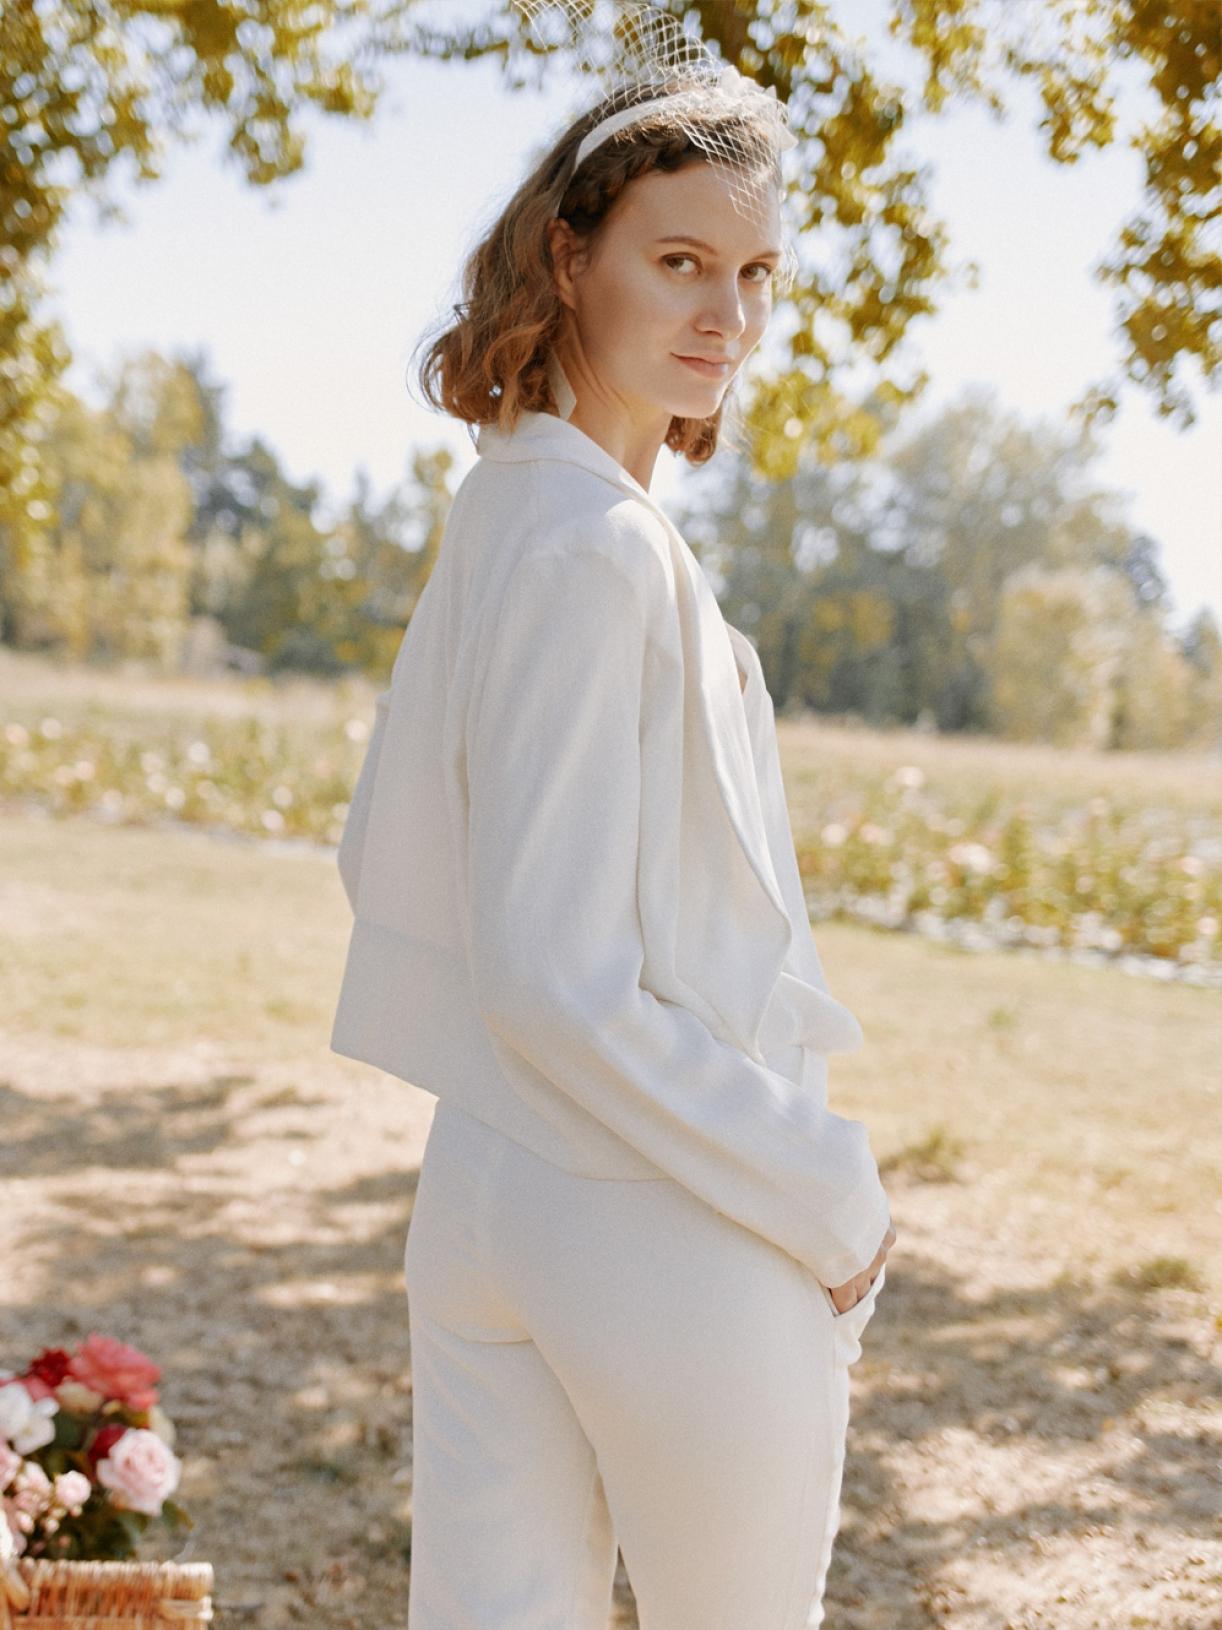 LILI - Veste Tailleur de mariée créateur et sur-mesure pas cher a Paris